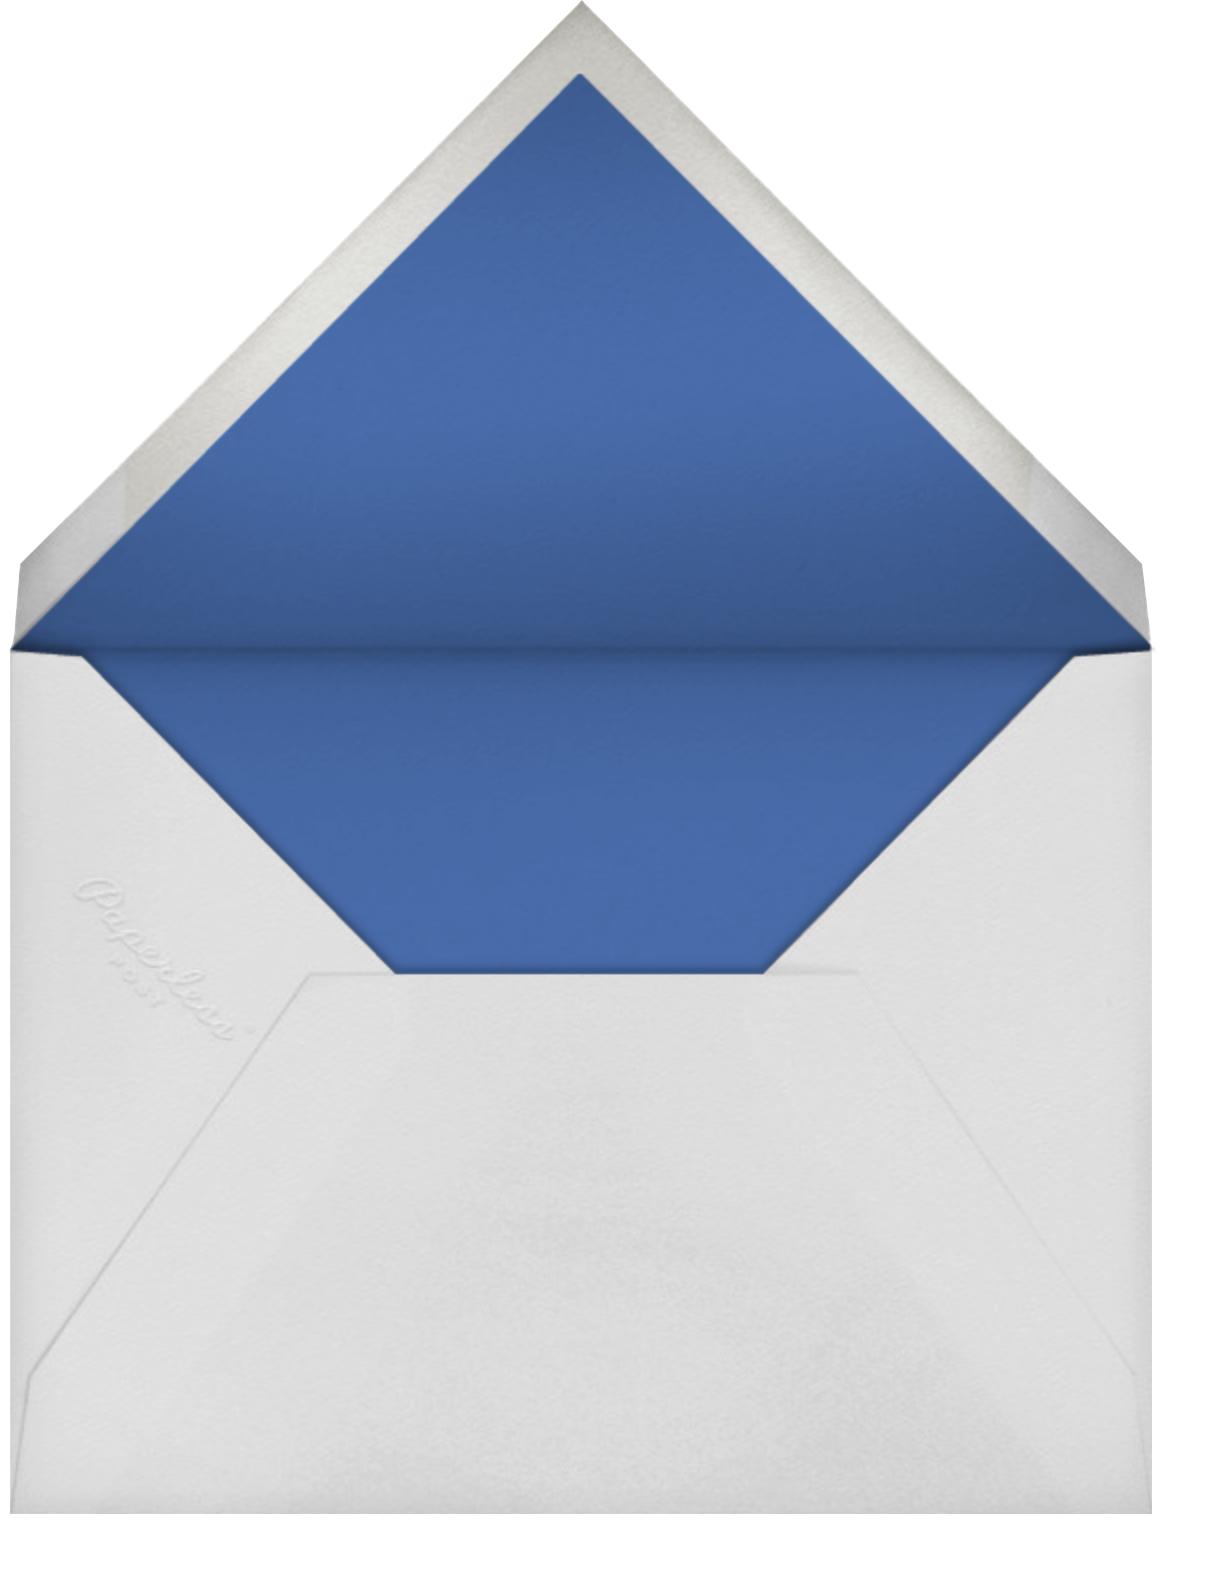 Standish - Regent Blue - Crane & Co. - All - envelope back